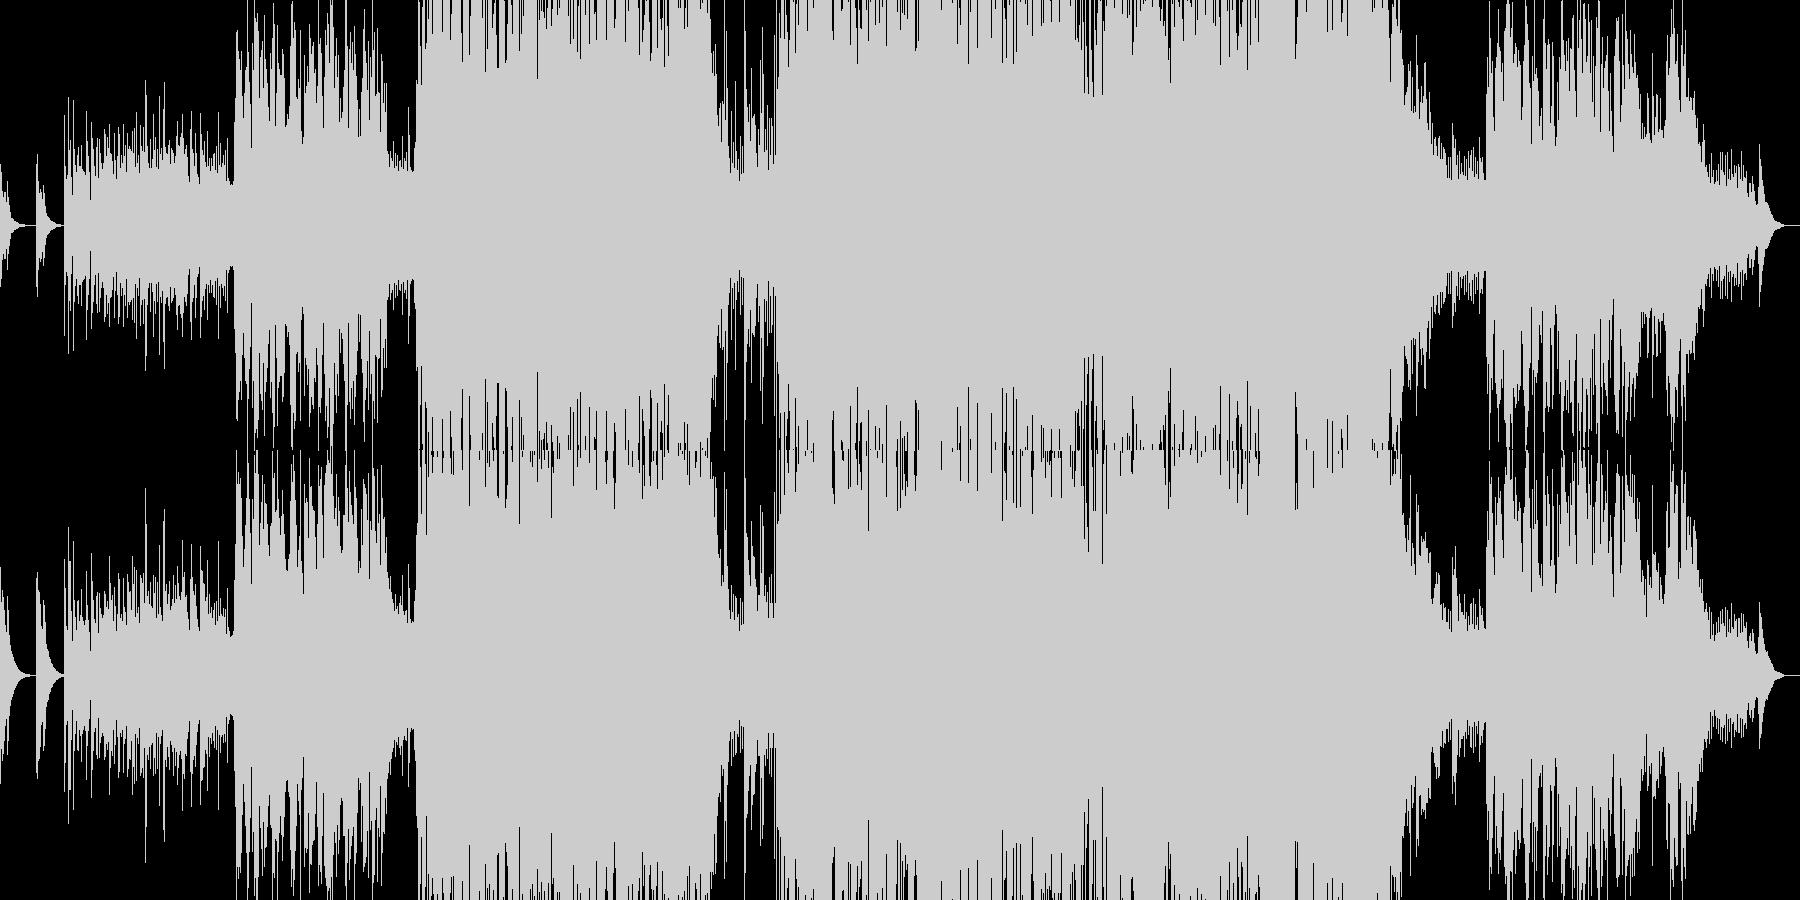 男性ボーカルによる感動的バラードの未再生の波形